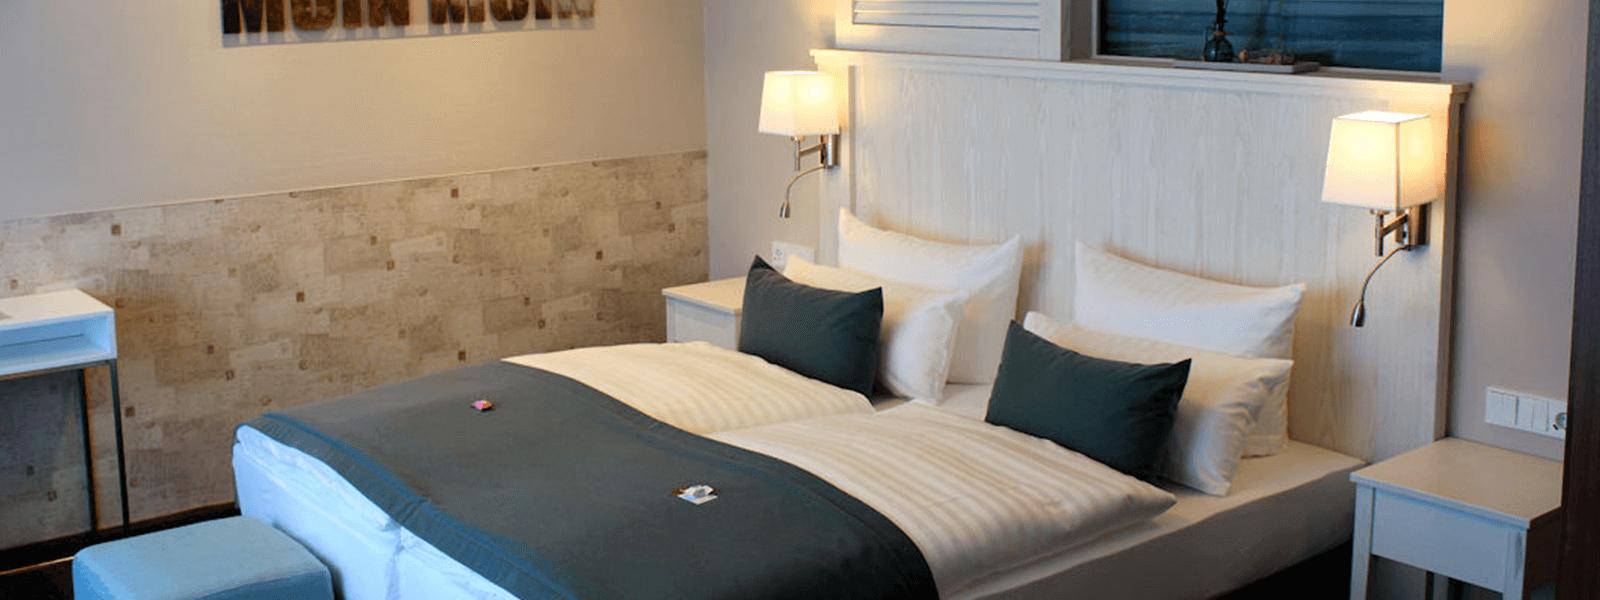 Wellnesssuite Hotel Regina Maris, Hotel Regina Maris, Norden-Norddeich, Nordsee, Ostfriesland, Urlaub zu Zweit, Nordseeurlaub, Urlaub am Meer,